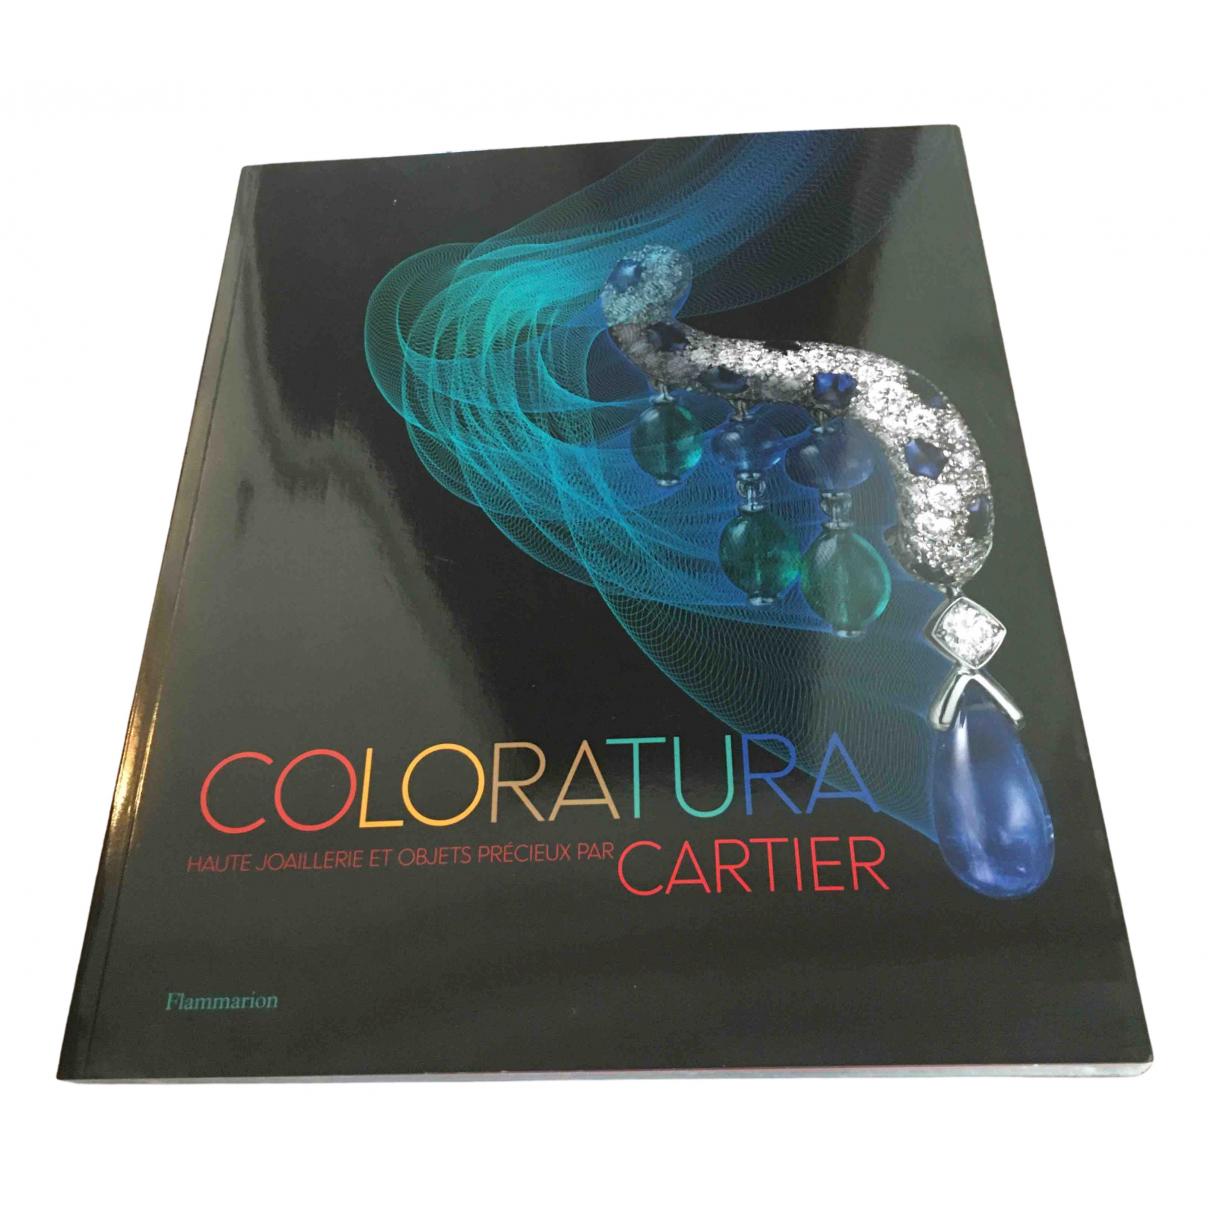 Diseño Cartier